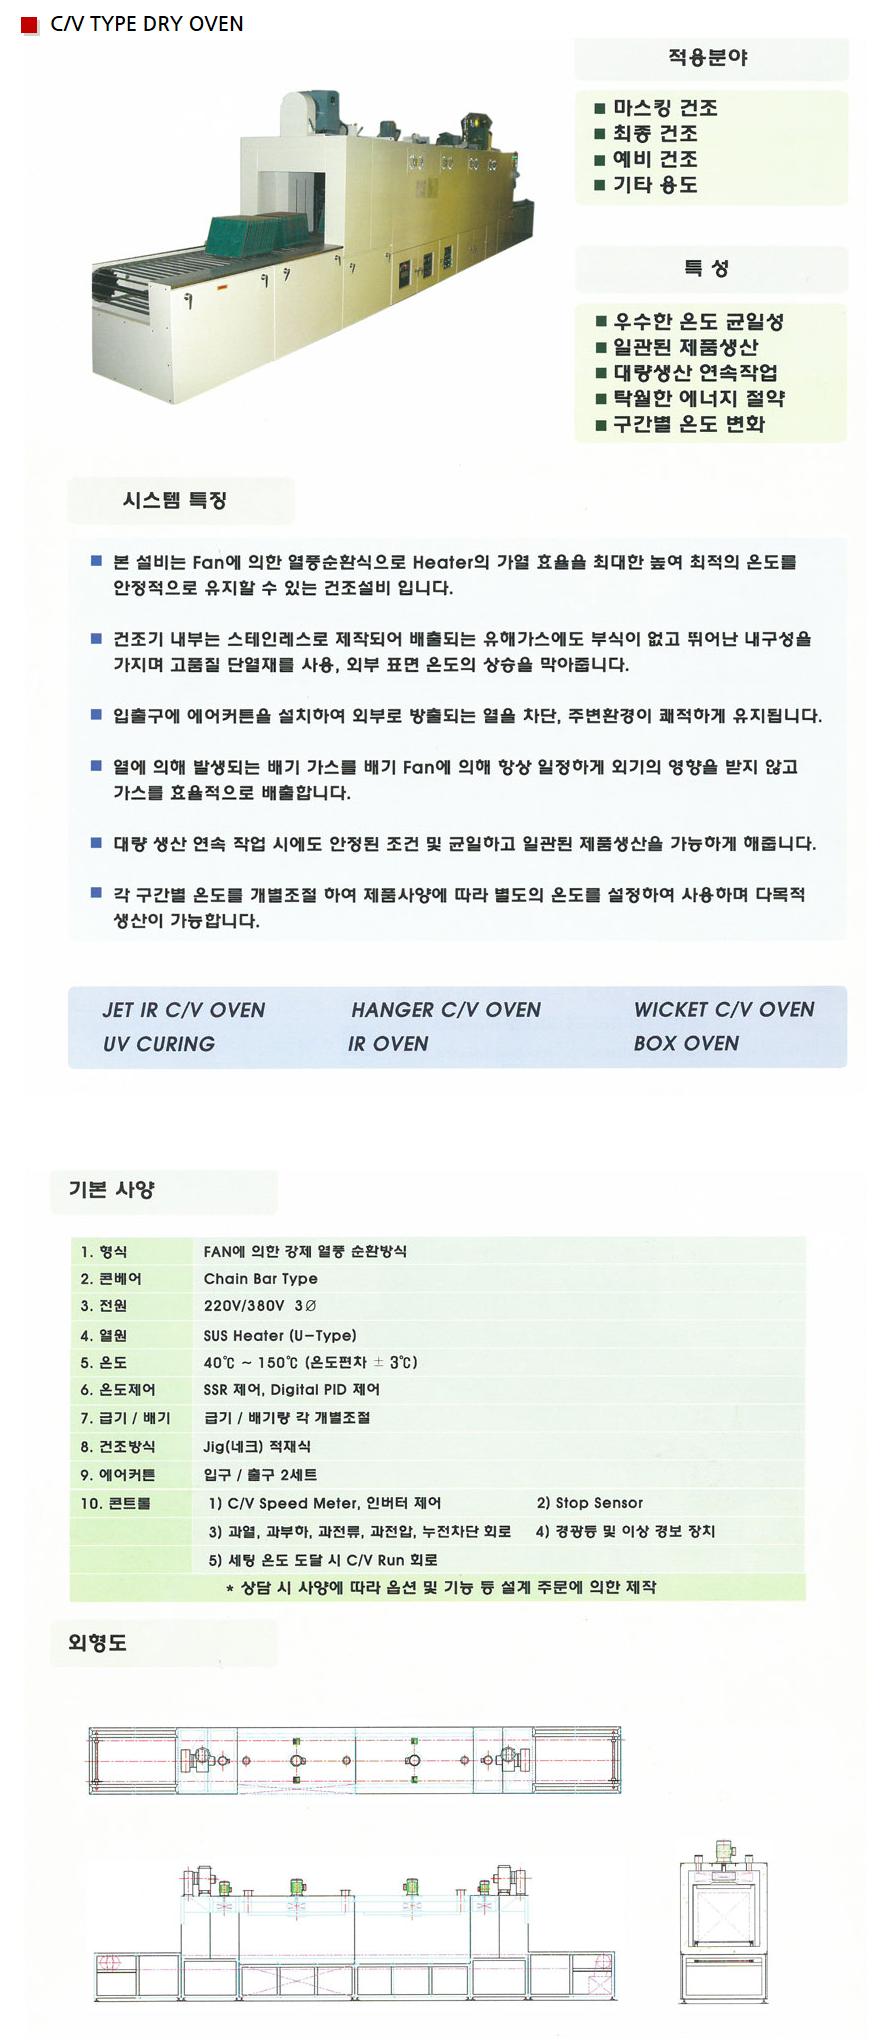 태양기업 C/V Type Dry Oven